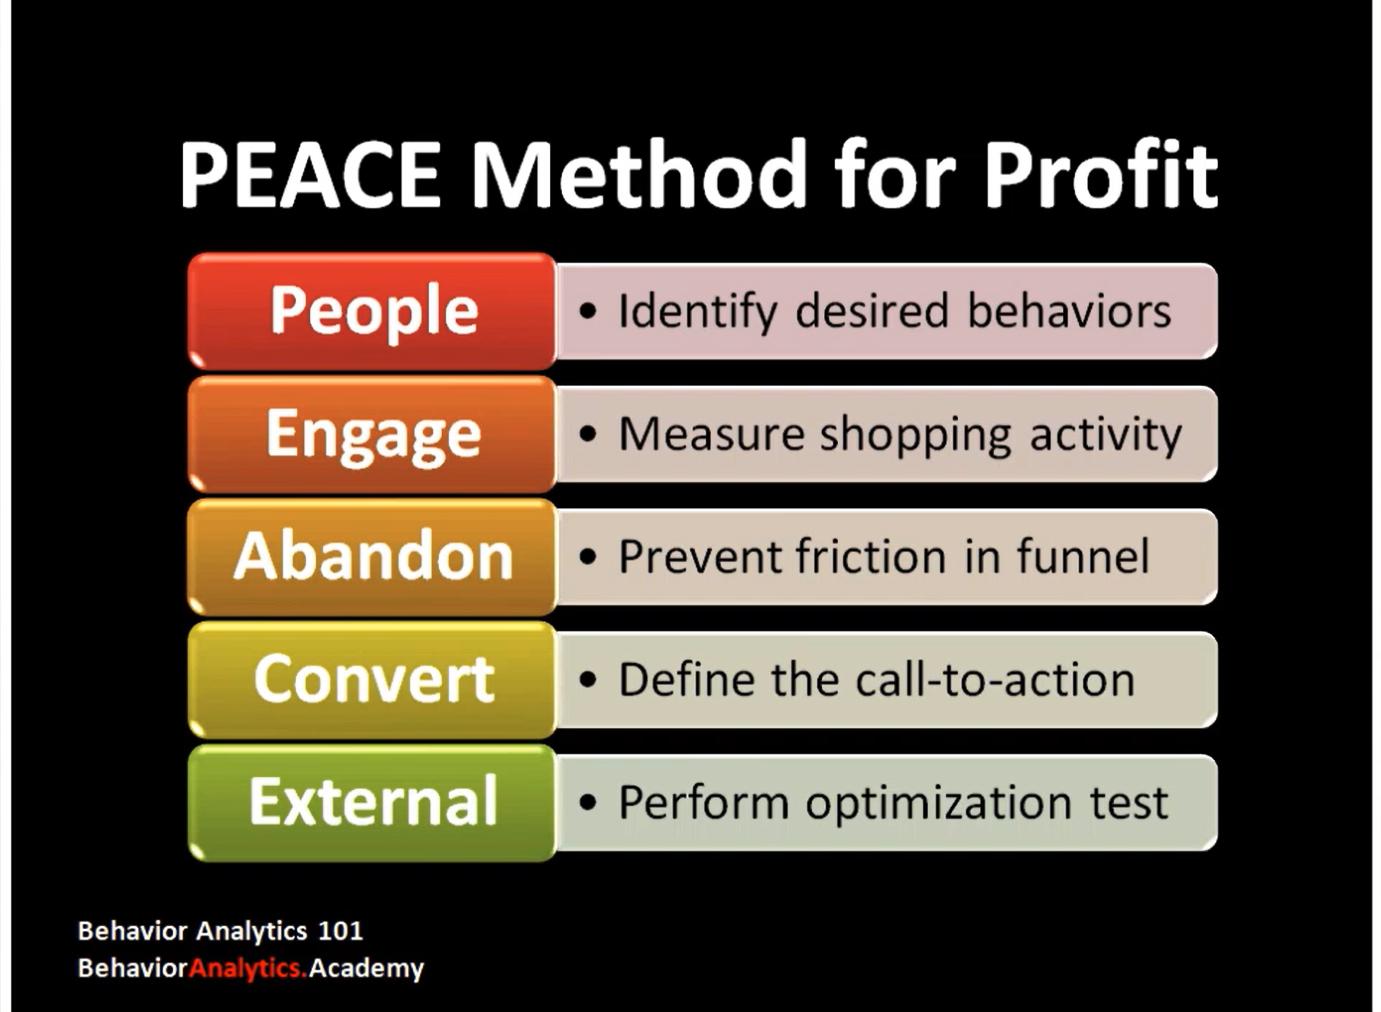 Behavior Analytics Academy